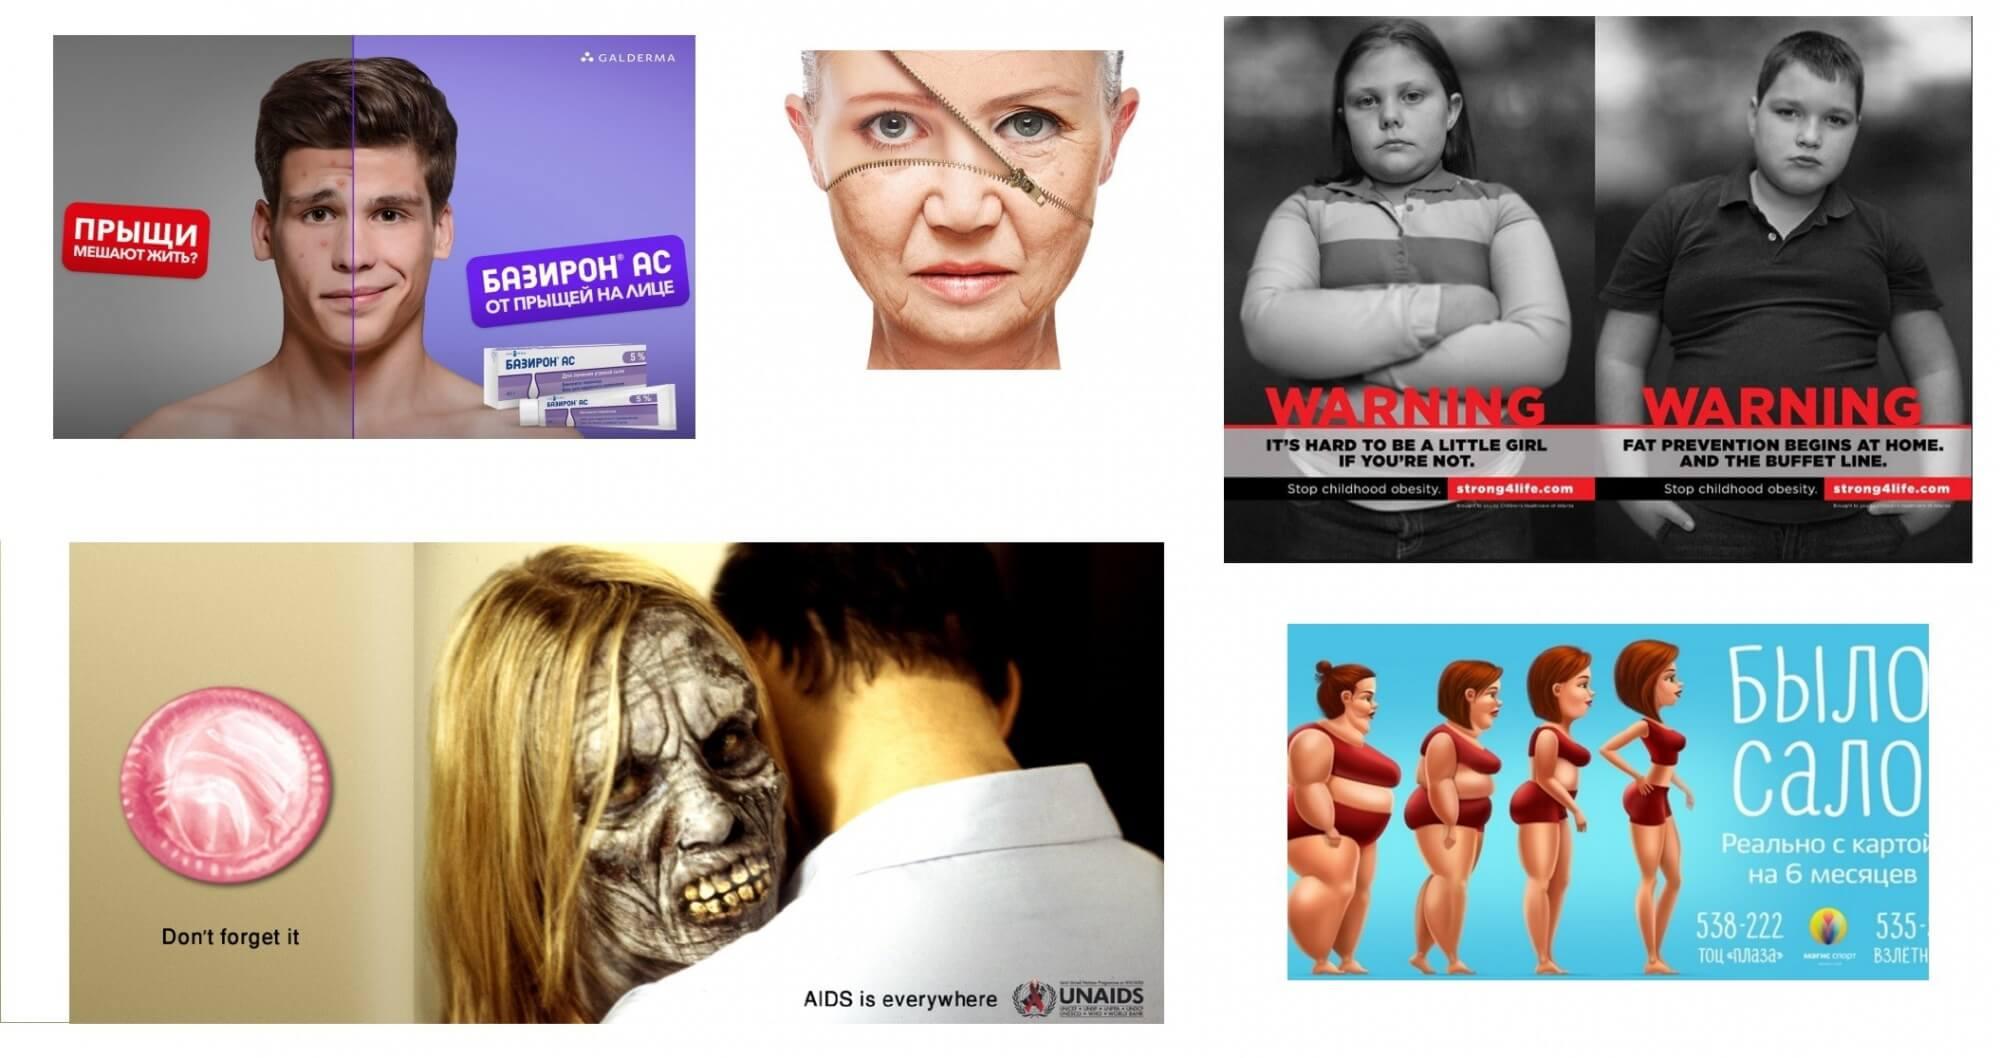 Примеры рекламы, основанной на эмоции неприязни.jpg